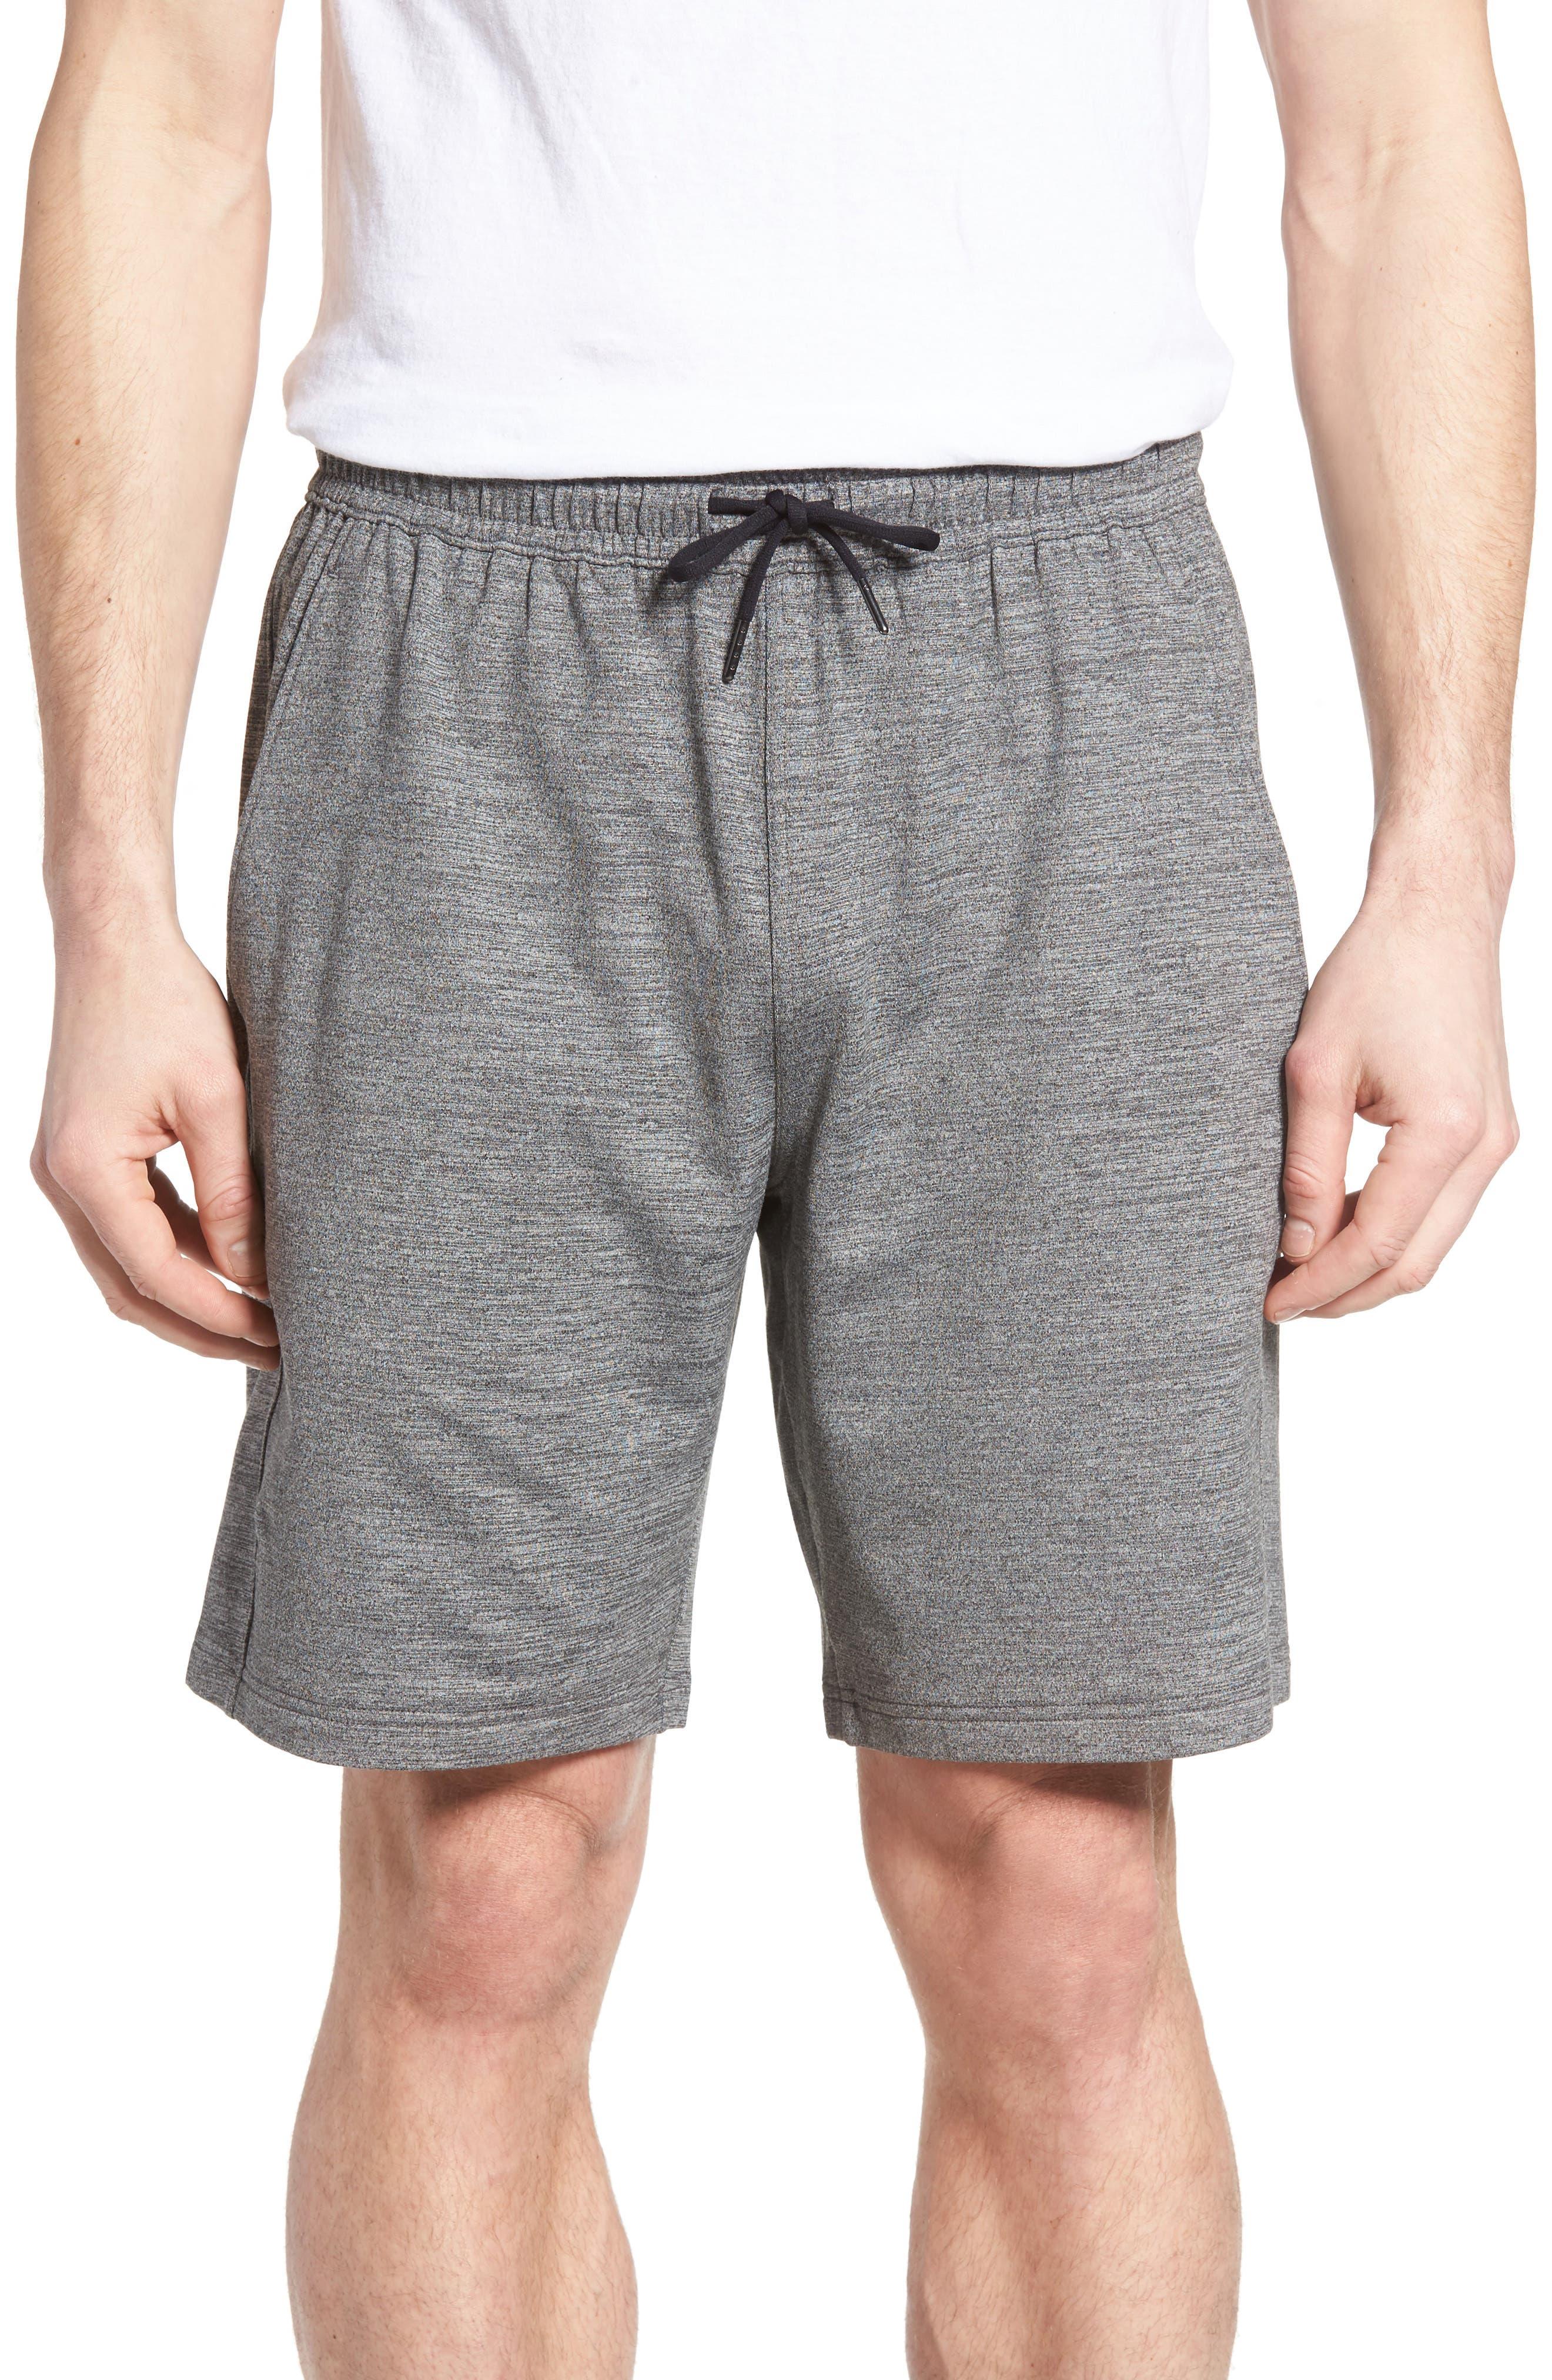 Pyrite Knit Shorts,                             Main thumbnail 4, color,